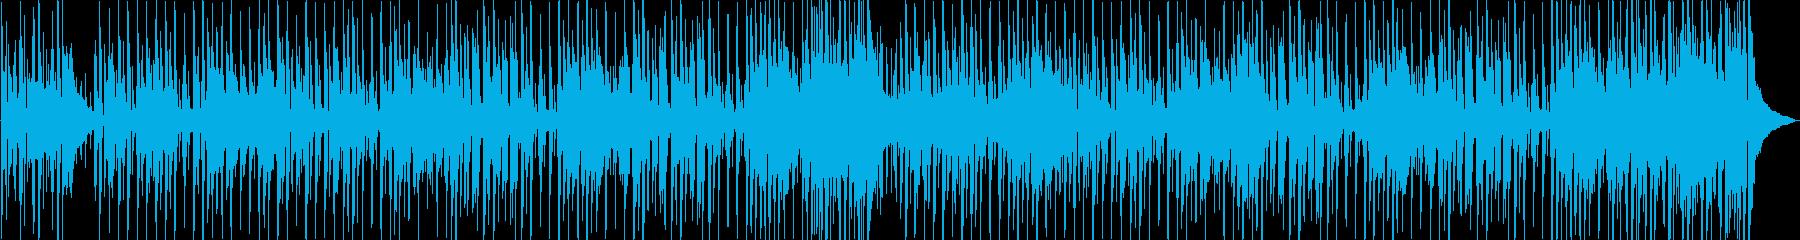 キャッチ―なカントリートラックの再生済みの波形